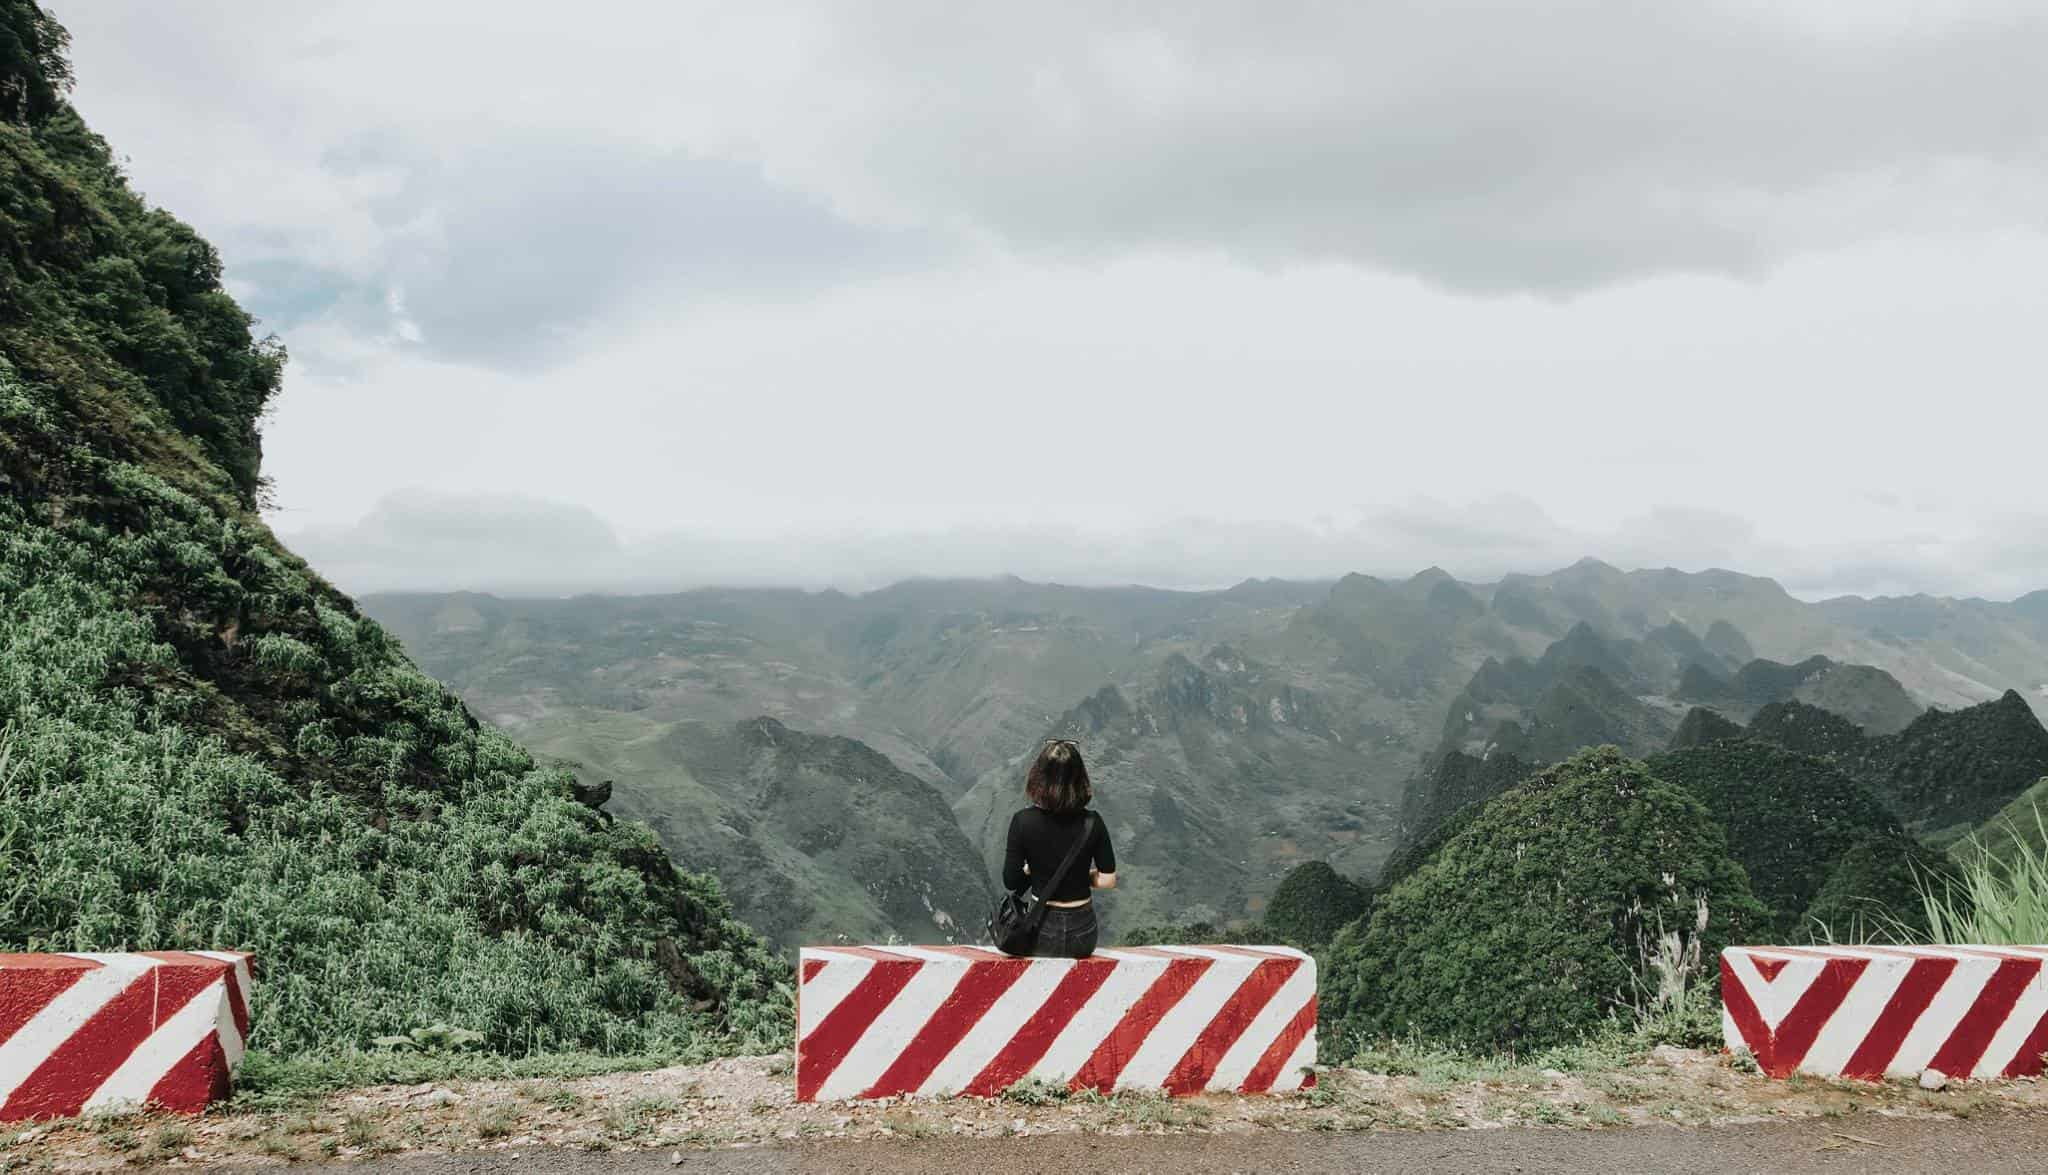 Khung cảnh hùng vĩ của đèo Mã Pì Lèng. Hình: Hoàng Linh Hà